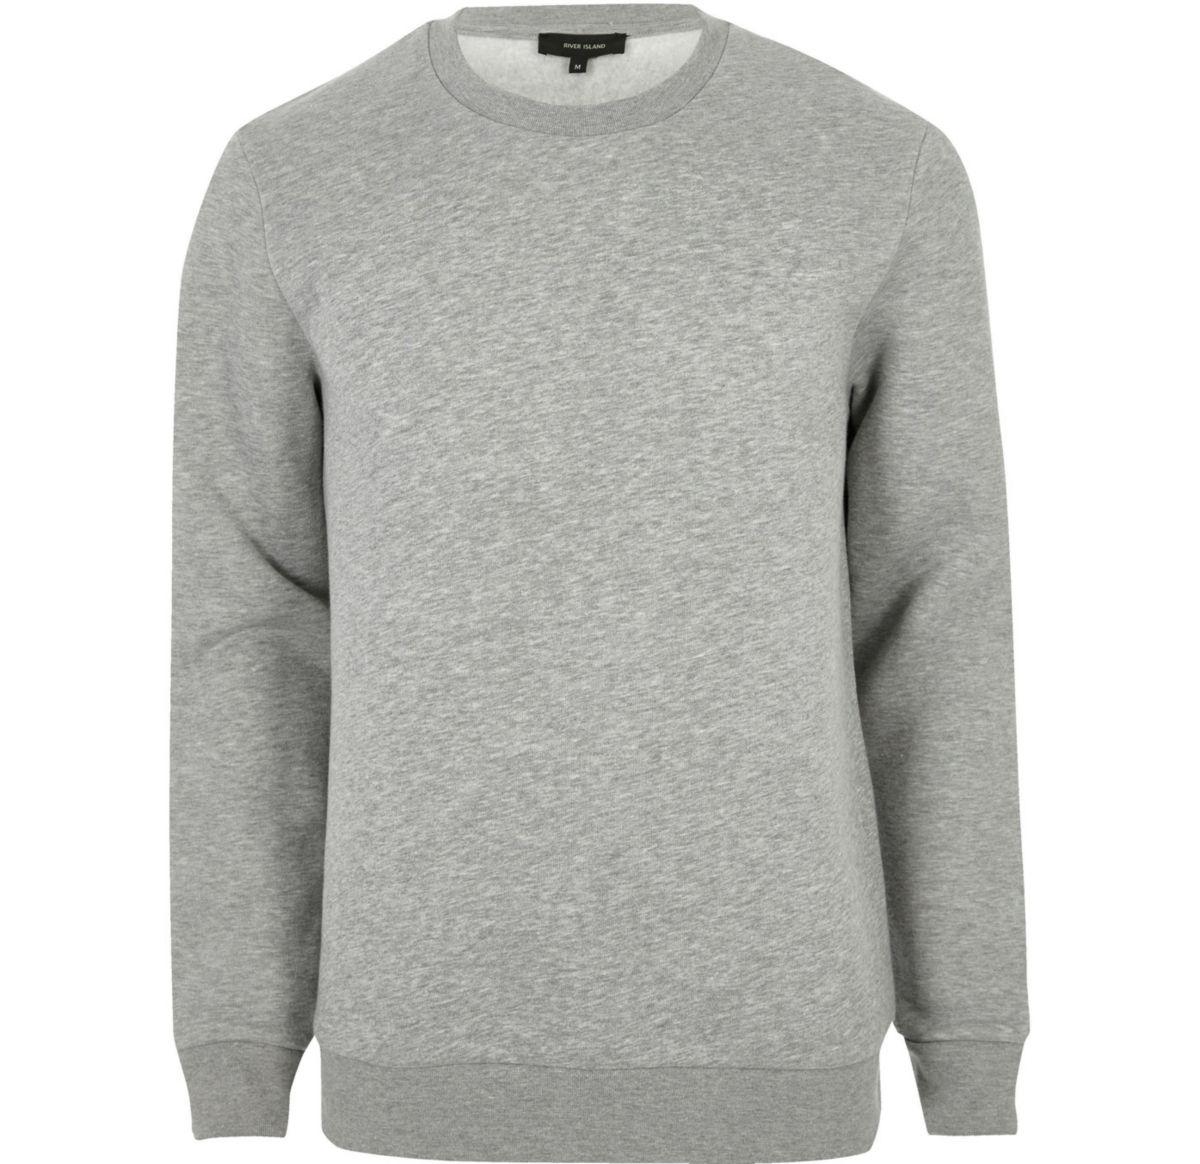 Big & Tall – Graues, meliertes Sweatshirt mit Rundhalsausschnitt